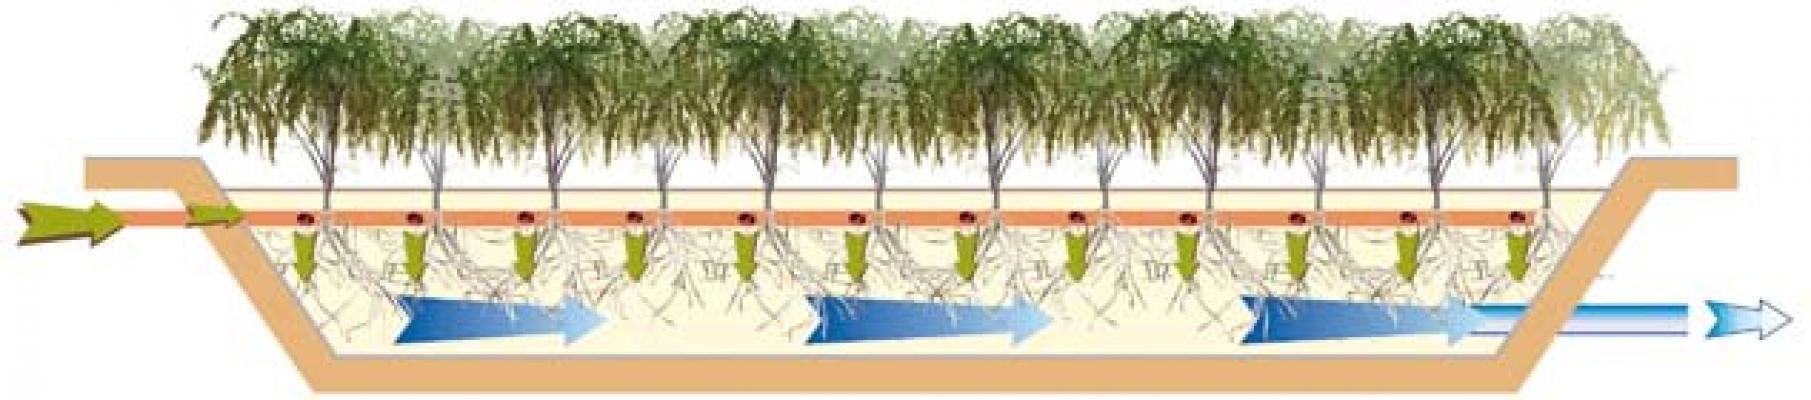 Impianto fitodepurazione verticale CARRA